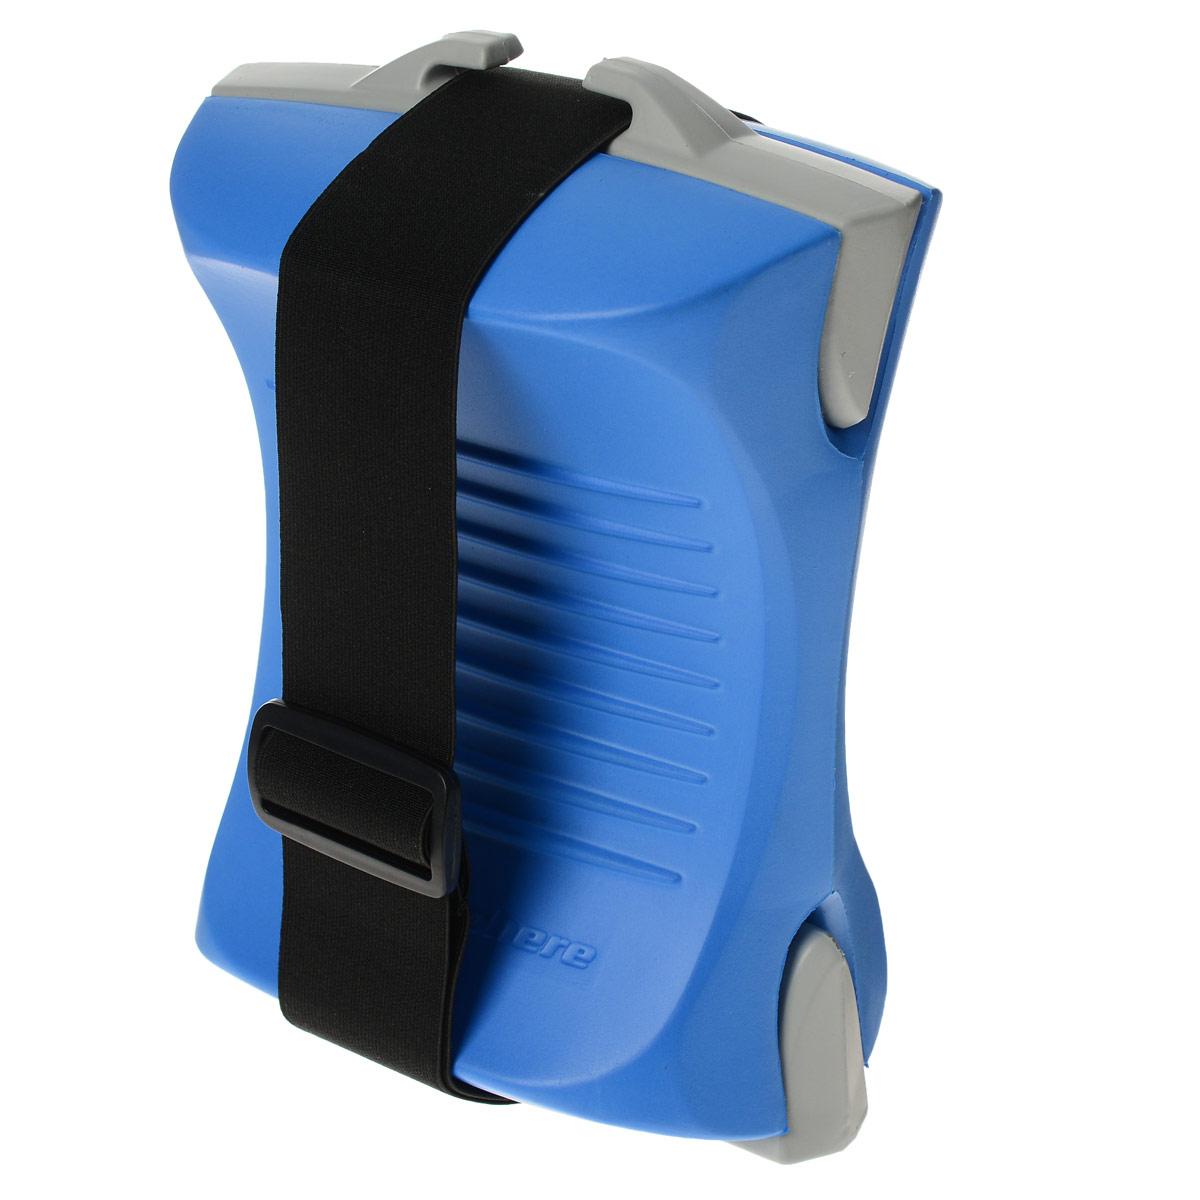 Колобашка Aqua Sphere ErgoBuoy, цвет: синийSP 301215Колобашка Aqua Sphere ErgoBuoy предназначена для фиксации ног и увеличении нагрузки на мышцы рук при плавании.Особенности колобашки:Эргономичный дизайн позволяет удобно и надежно зафиксировать ваши ноги.Опциональный ремень с быстроразъемной пряжкой.Съемные вставки позволяют менять плавучесть Изготовлено из прочного и хлороустойчивого полимера EVA.